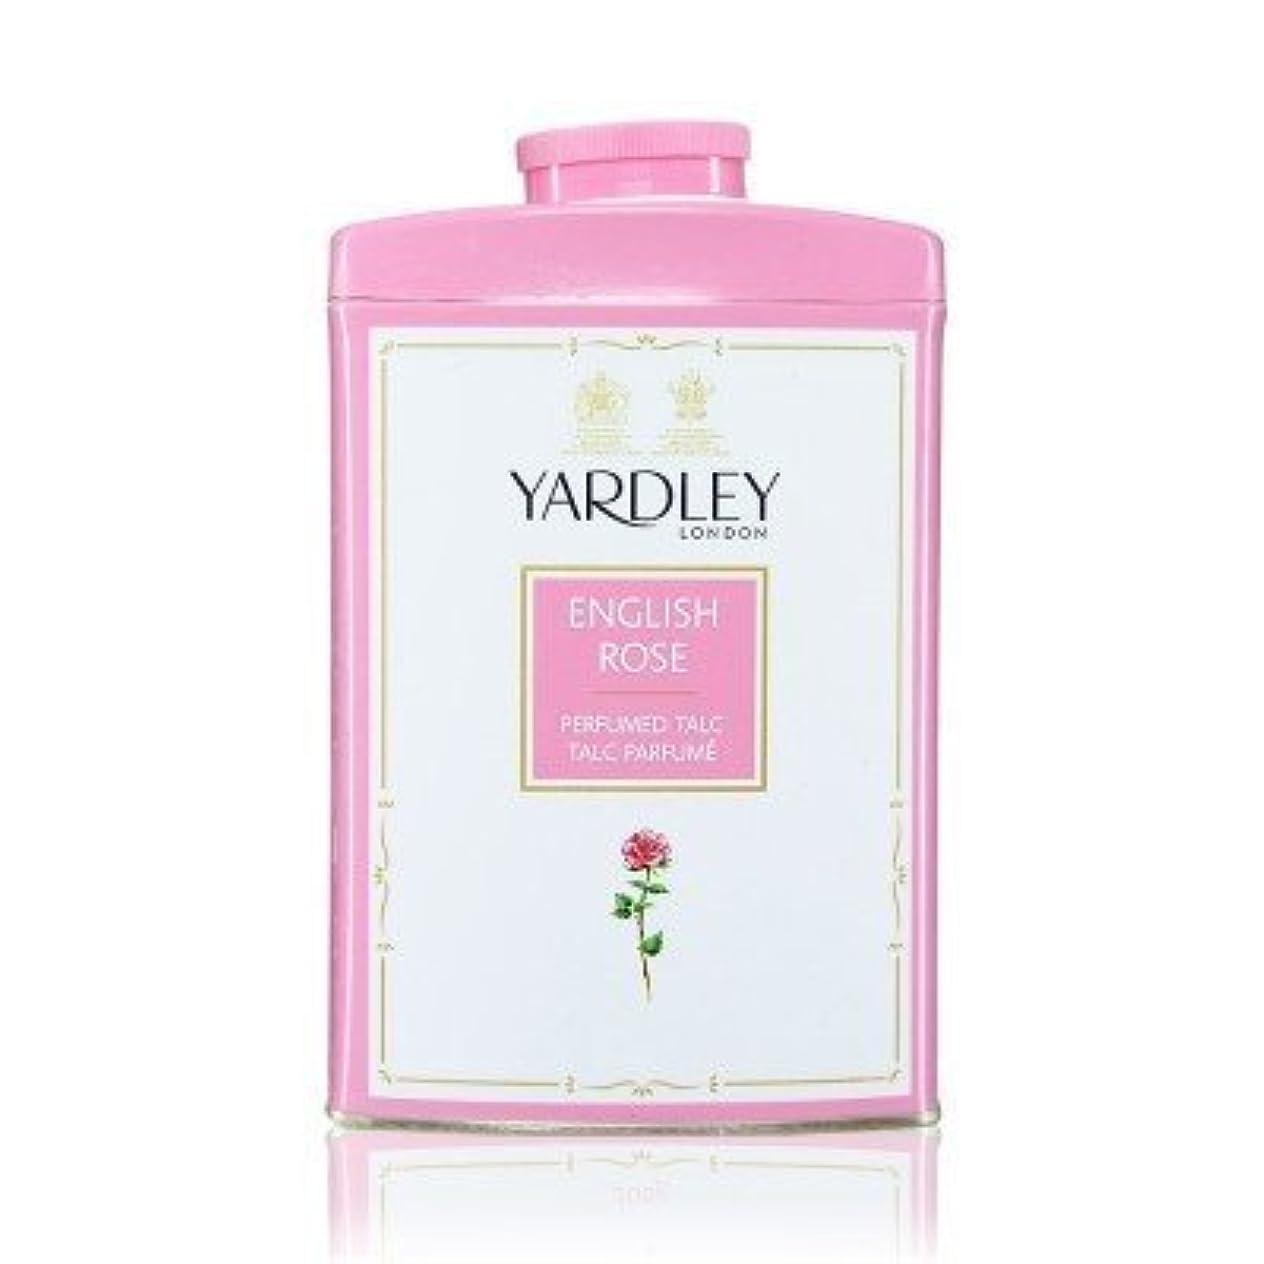 お嬢哀れな疲労Yardley English Rose Perfumed Talc, 250 g by Yardley [並行輸入品]